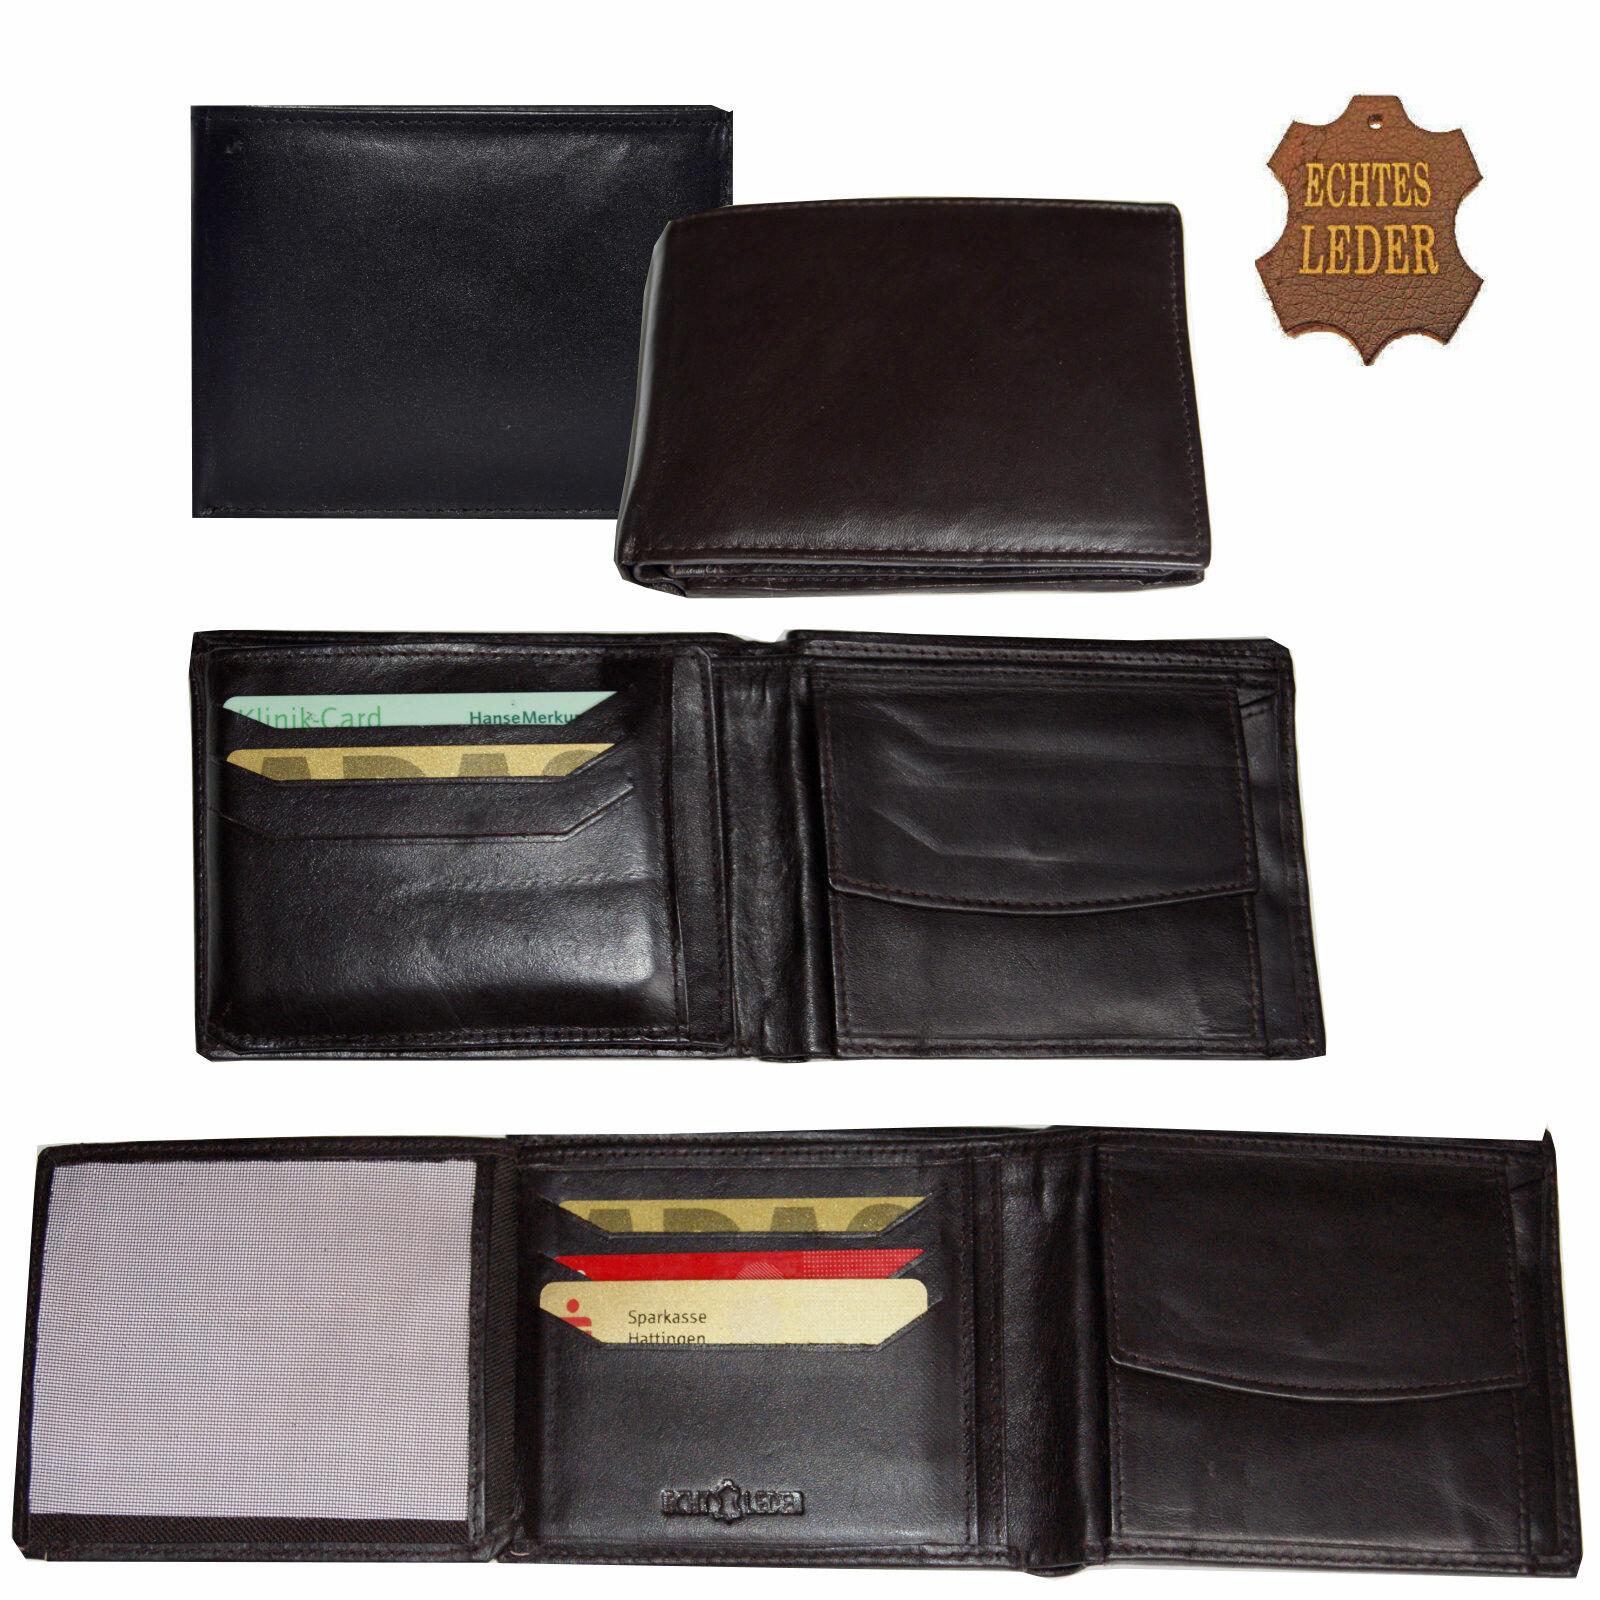 Geldbörse Geldbeutel Portemonnaie Brieftasche Echt Leder Börse Herren Damen Neu